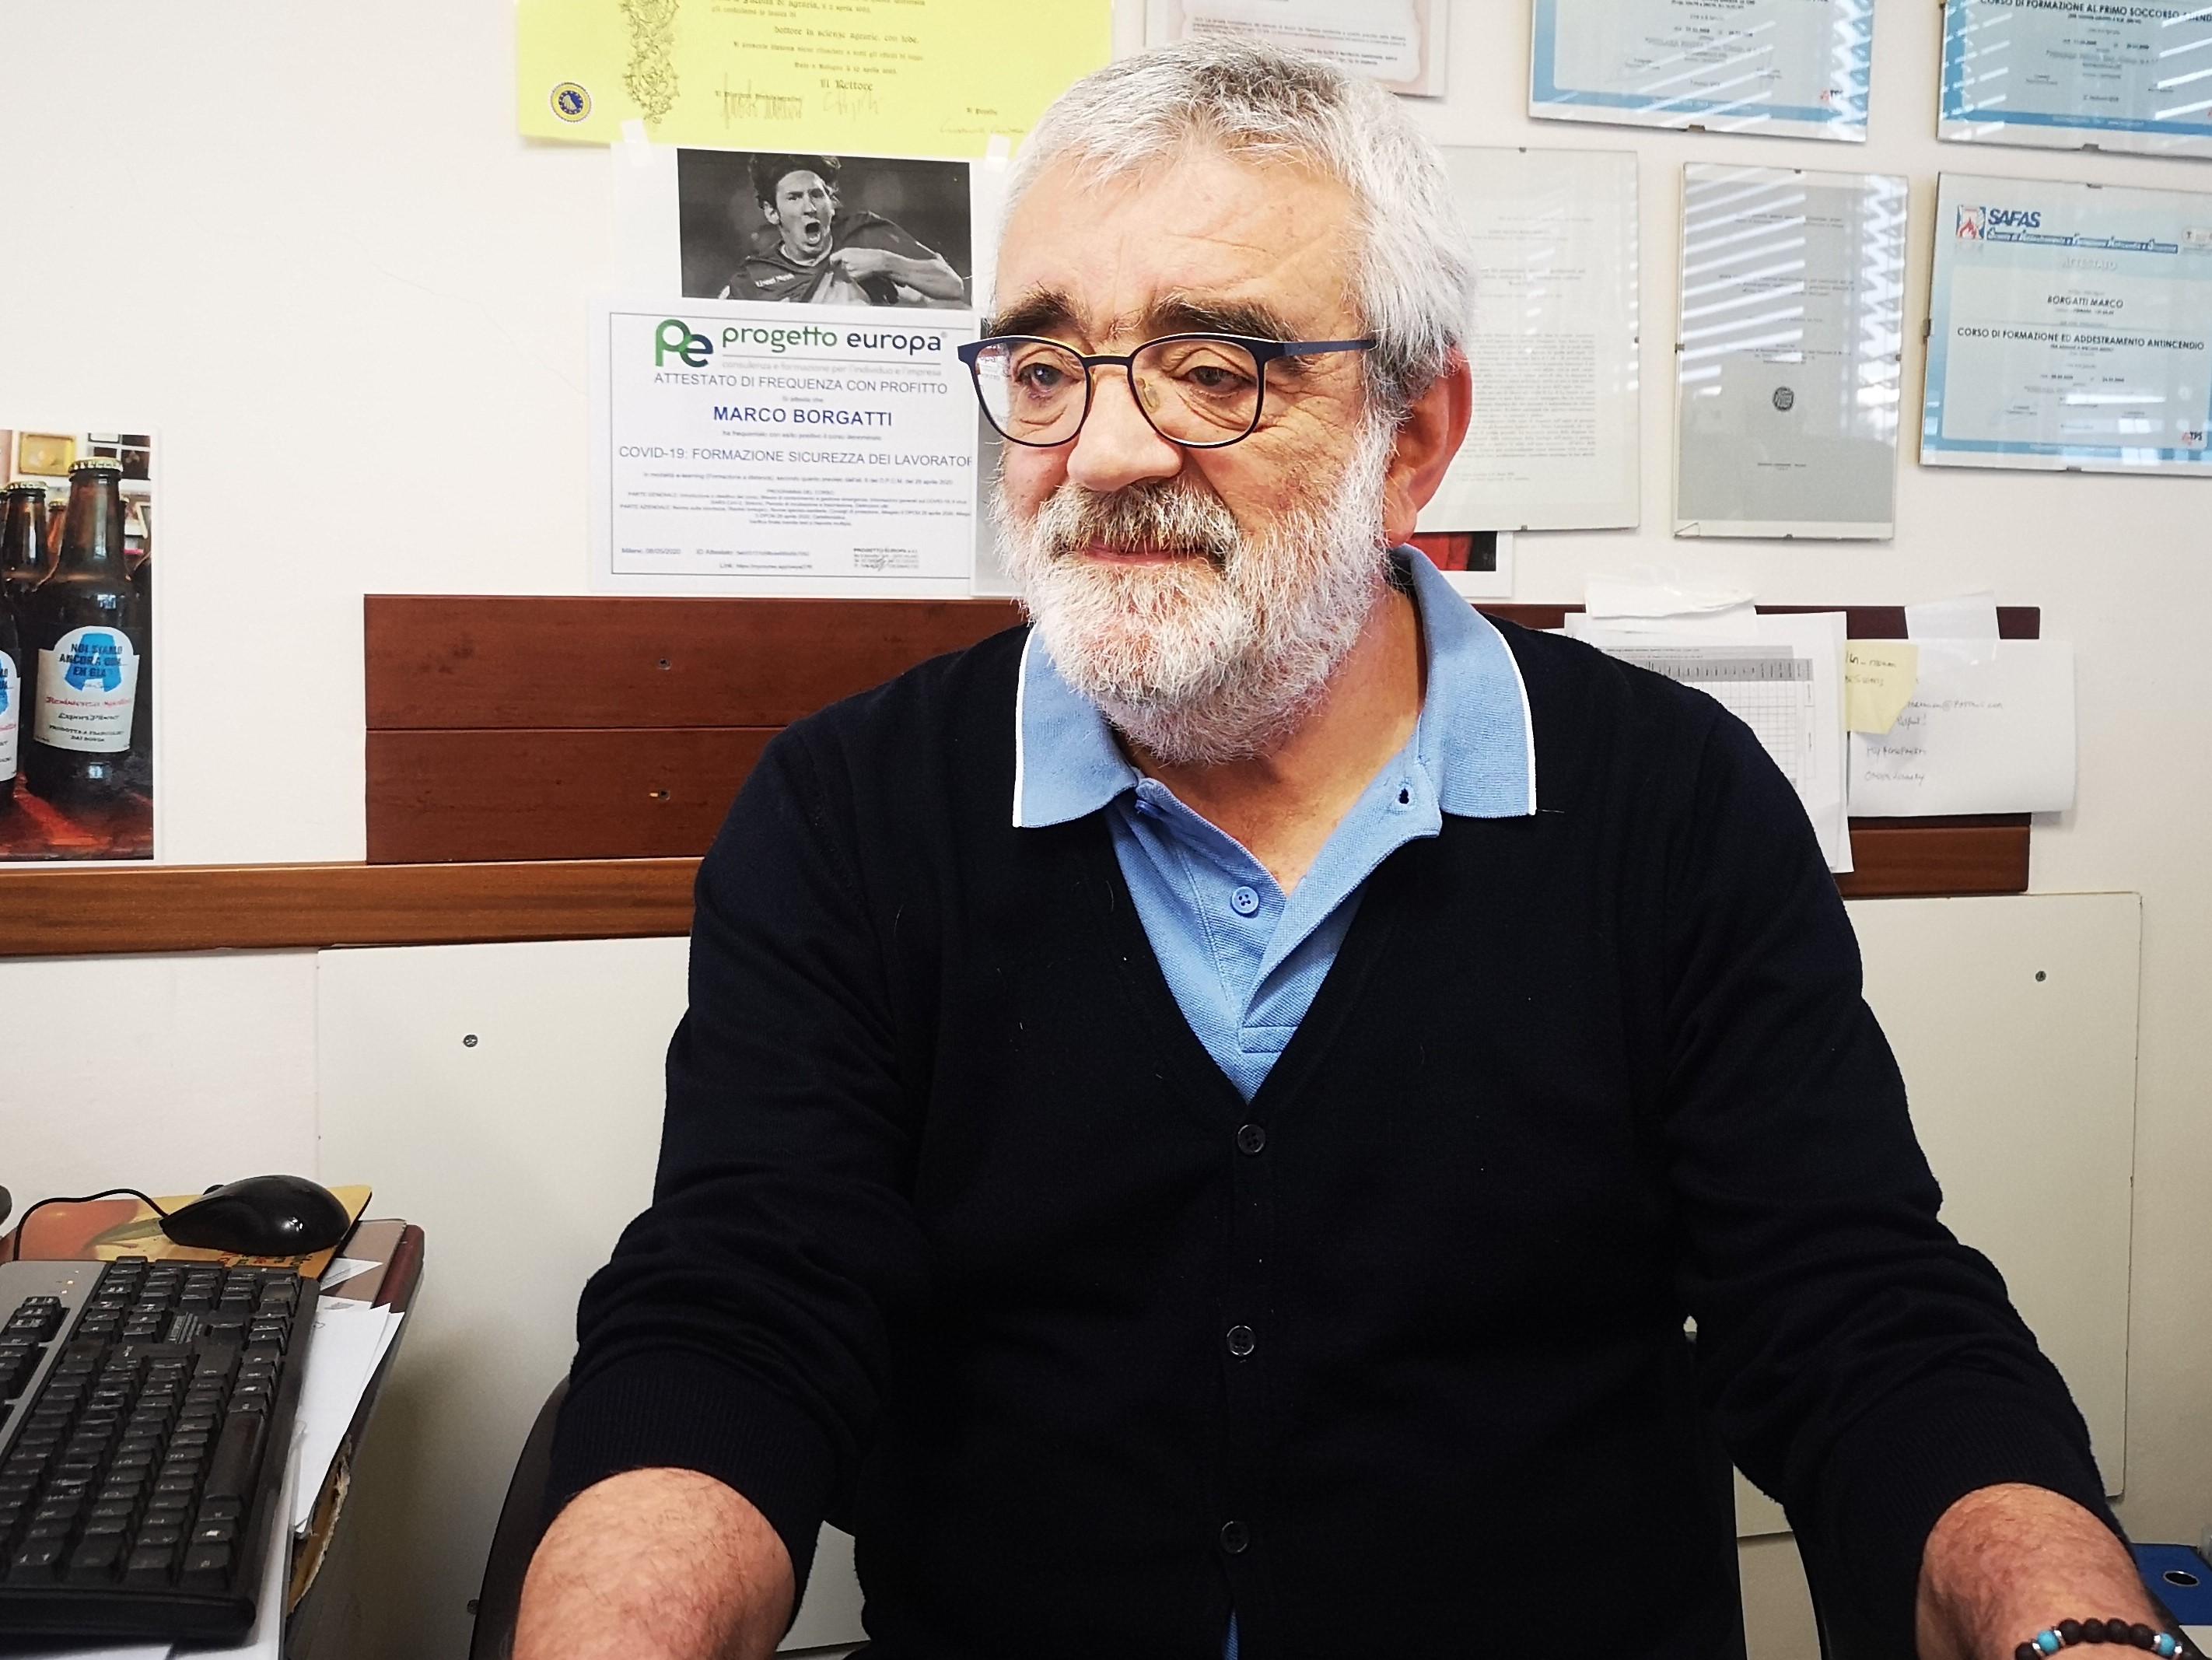 Marco Borgatti - Ufficio qualità di Patfrut